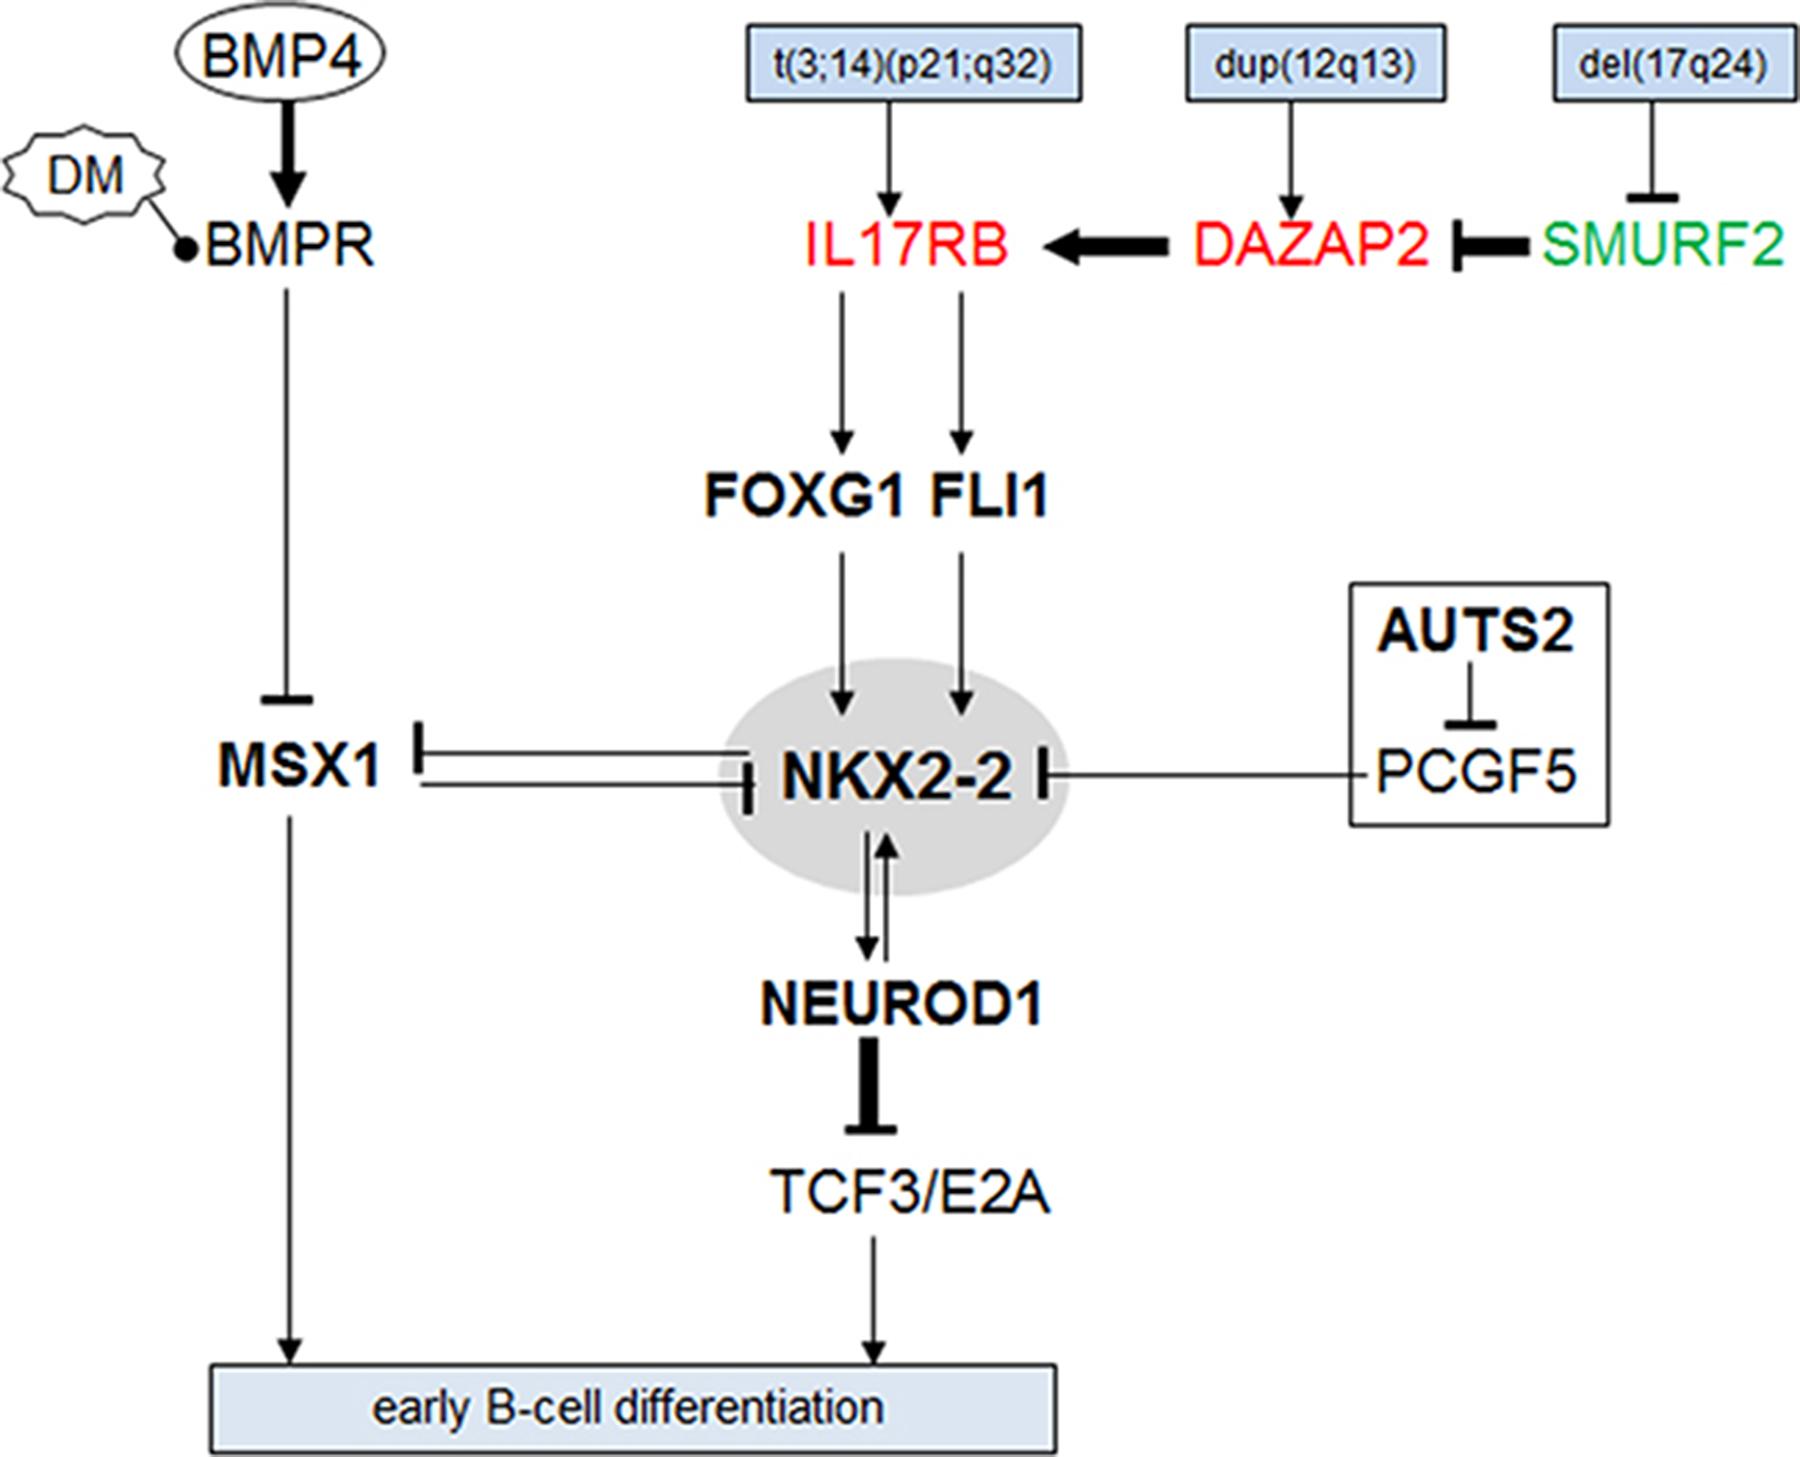 Aberrant gene regulatory network around NKX2-2.